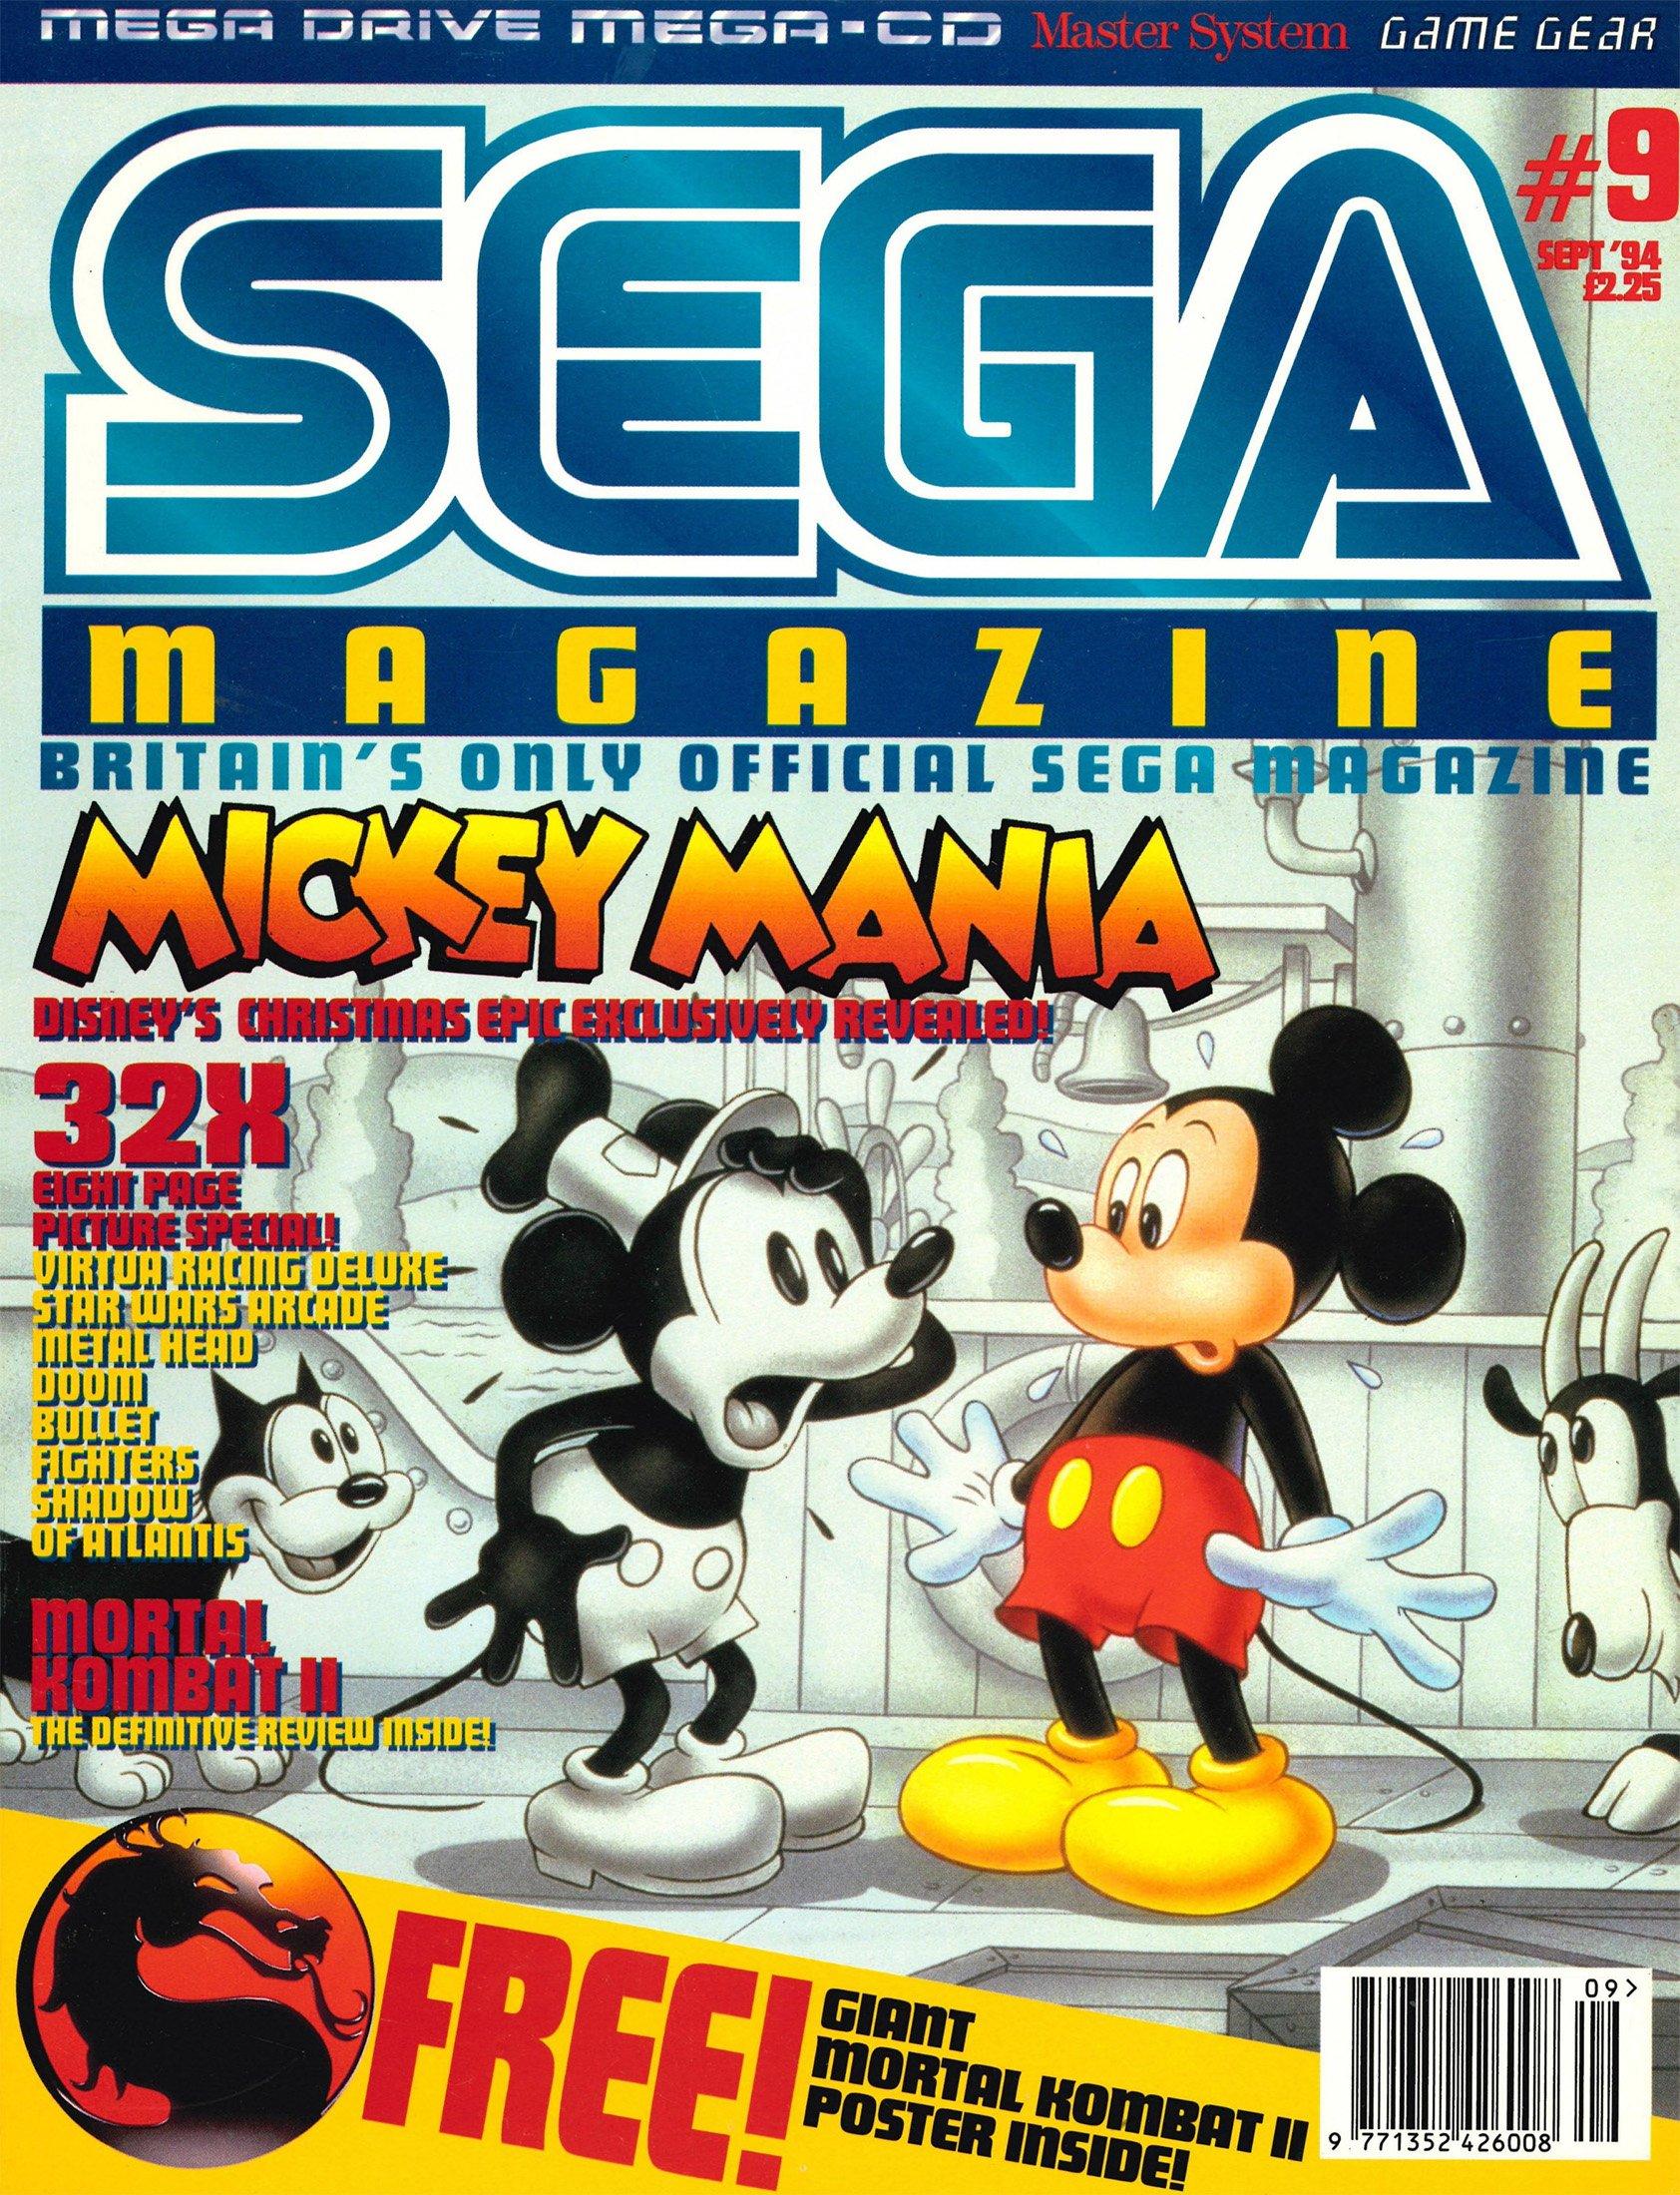 Sega Magazine 09 (September 1994)